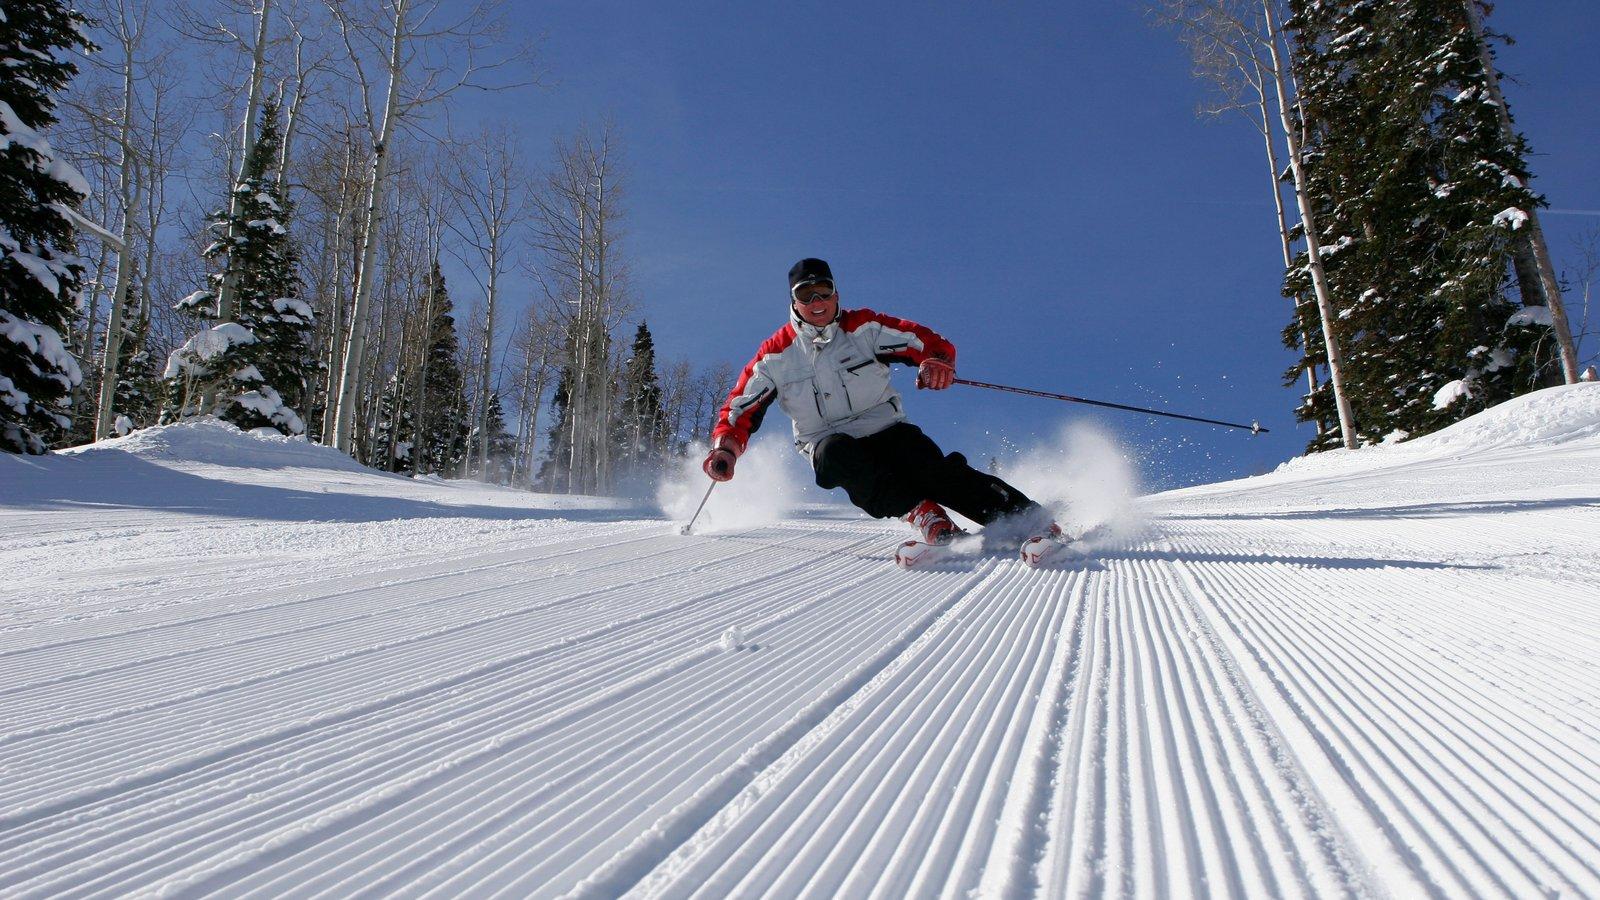 Park City Mountain Resort mostrando nieve, un parque y esquiar en la nieve